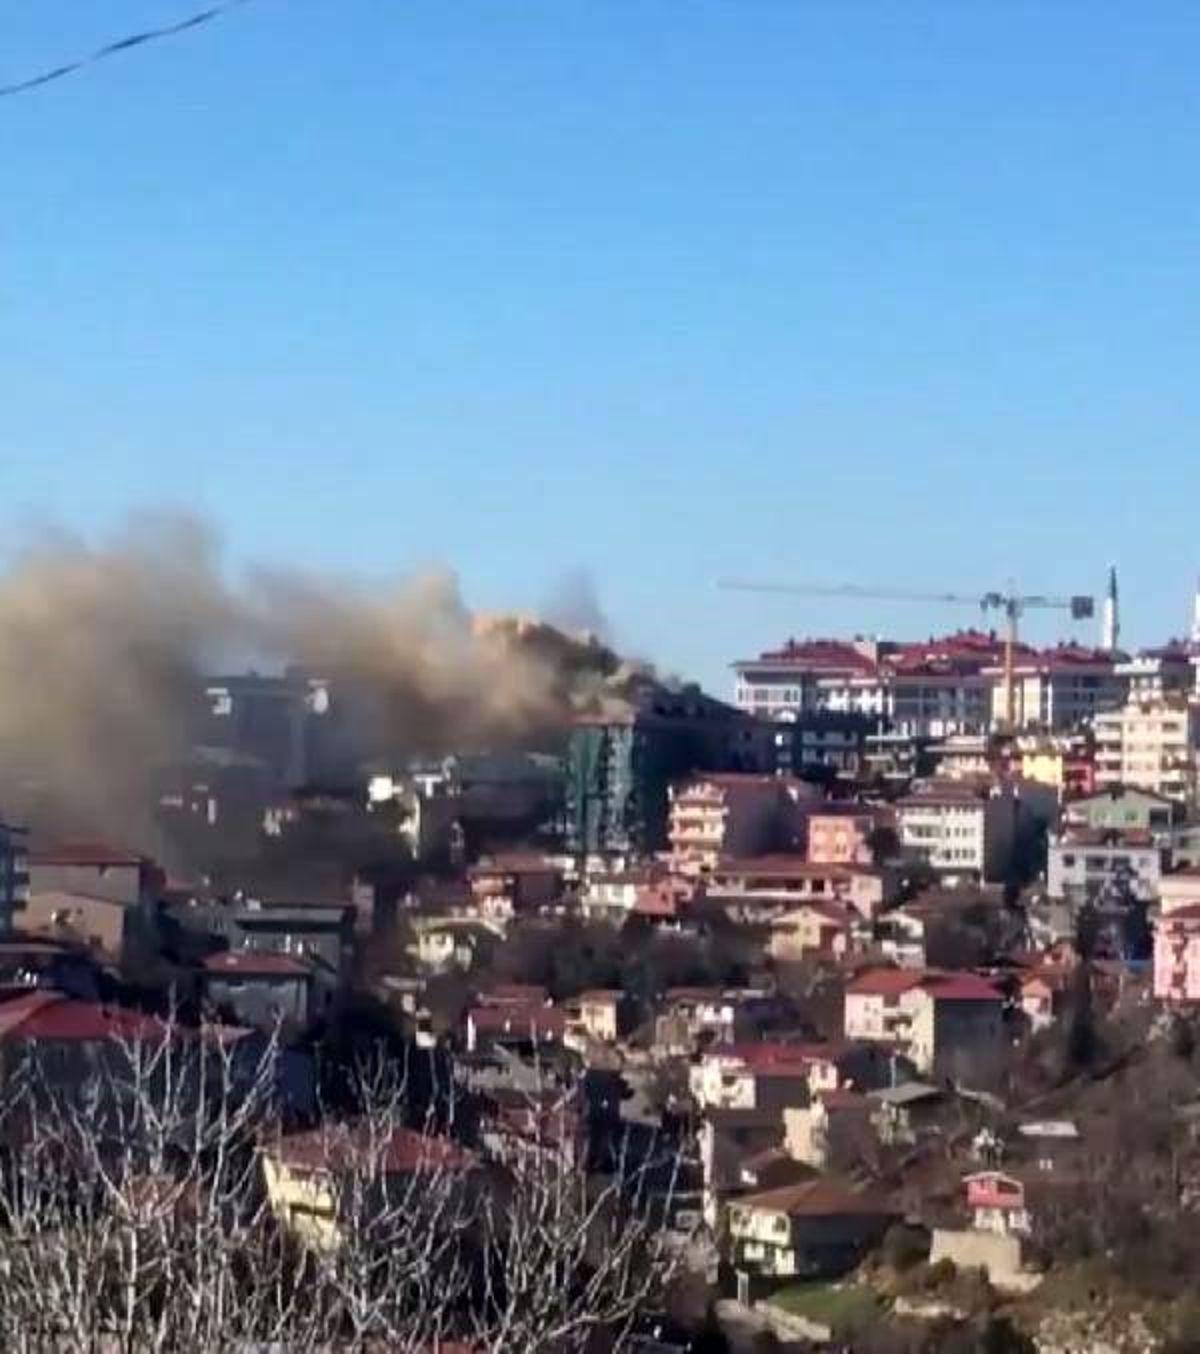 Üsküdar'da binanın çatısı alev alev yanıyor (1)